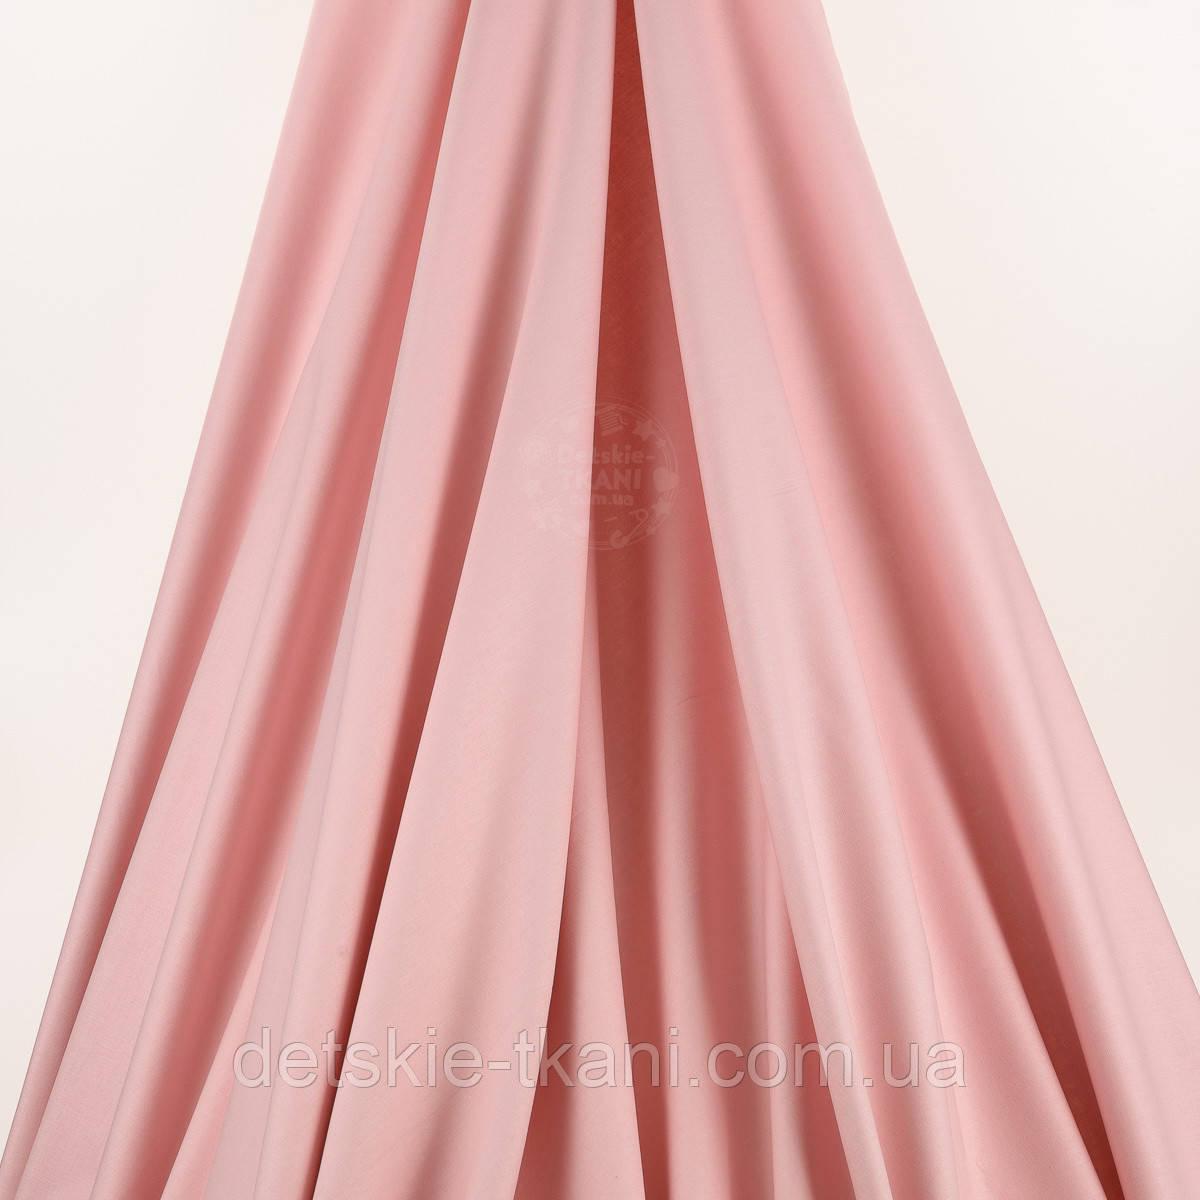 Поплин однотонный, цвет дымчатой розы (№52-1359)